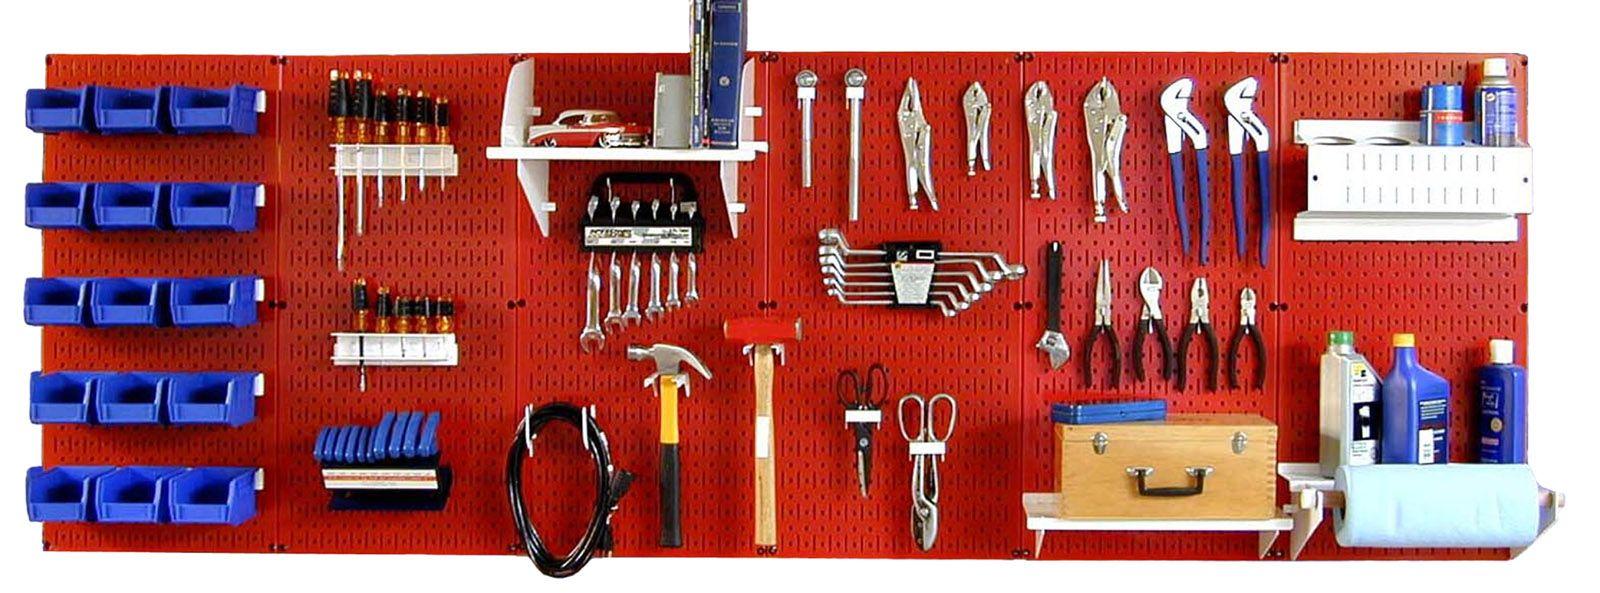 Wall Control Master Workbench Metal Pegboard Tool